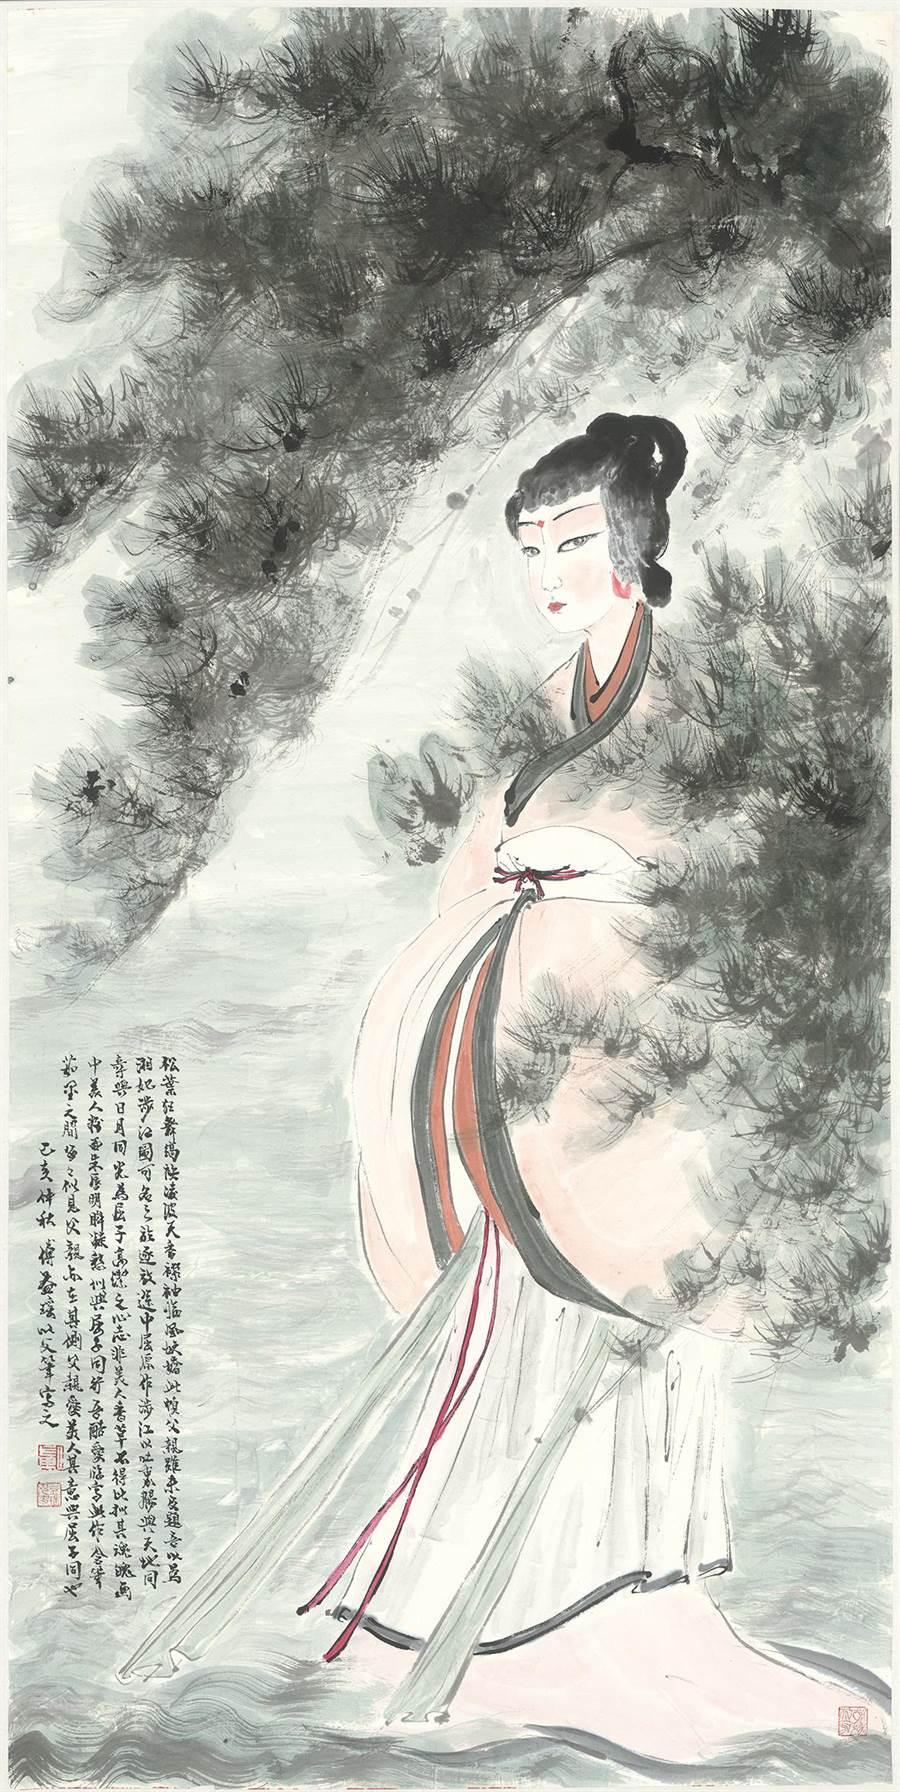 傅益瑤仿父筆的《湘君涉江》展現乃父之風。(墨海樓提供)